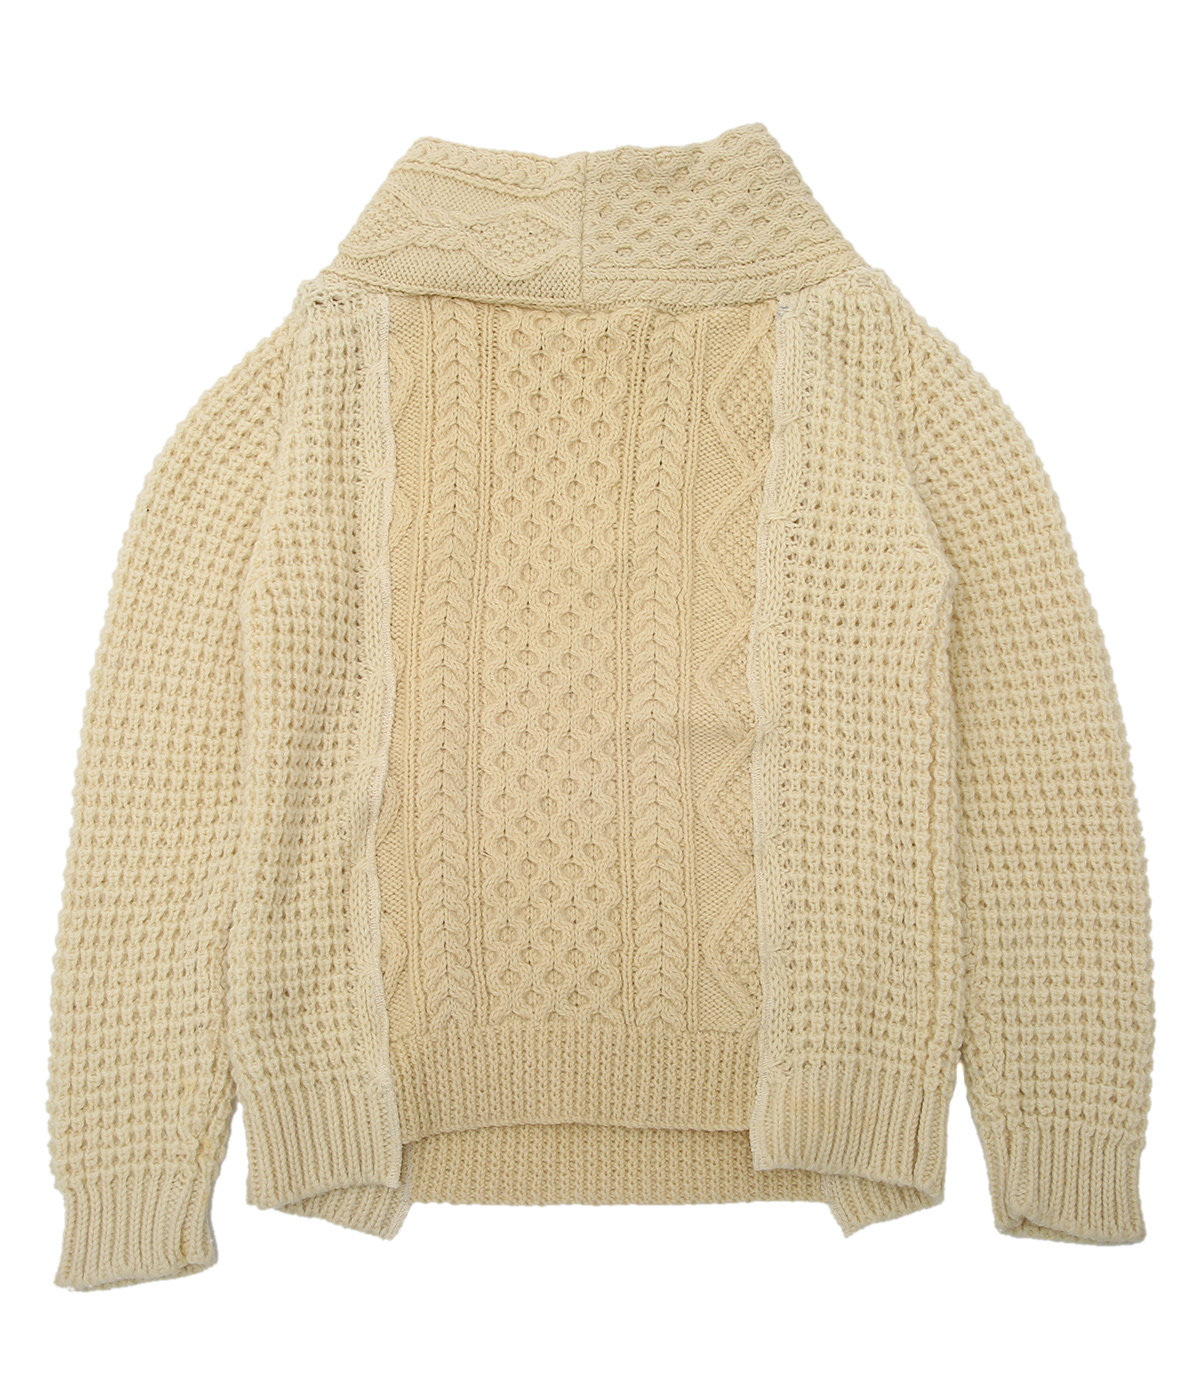 【レディース】circa make thick v/n fisherman sweater